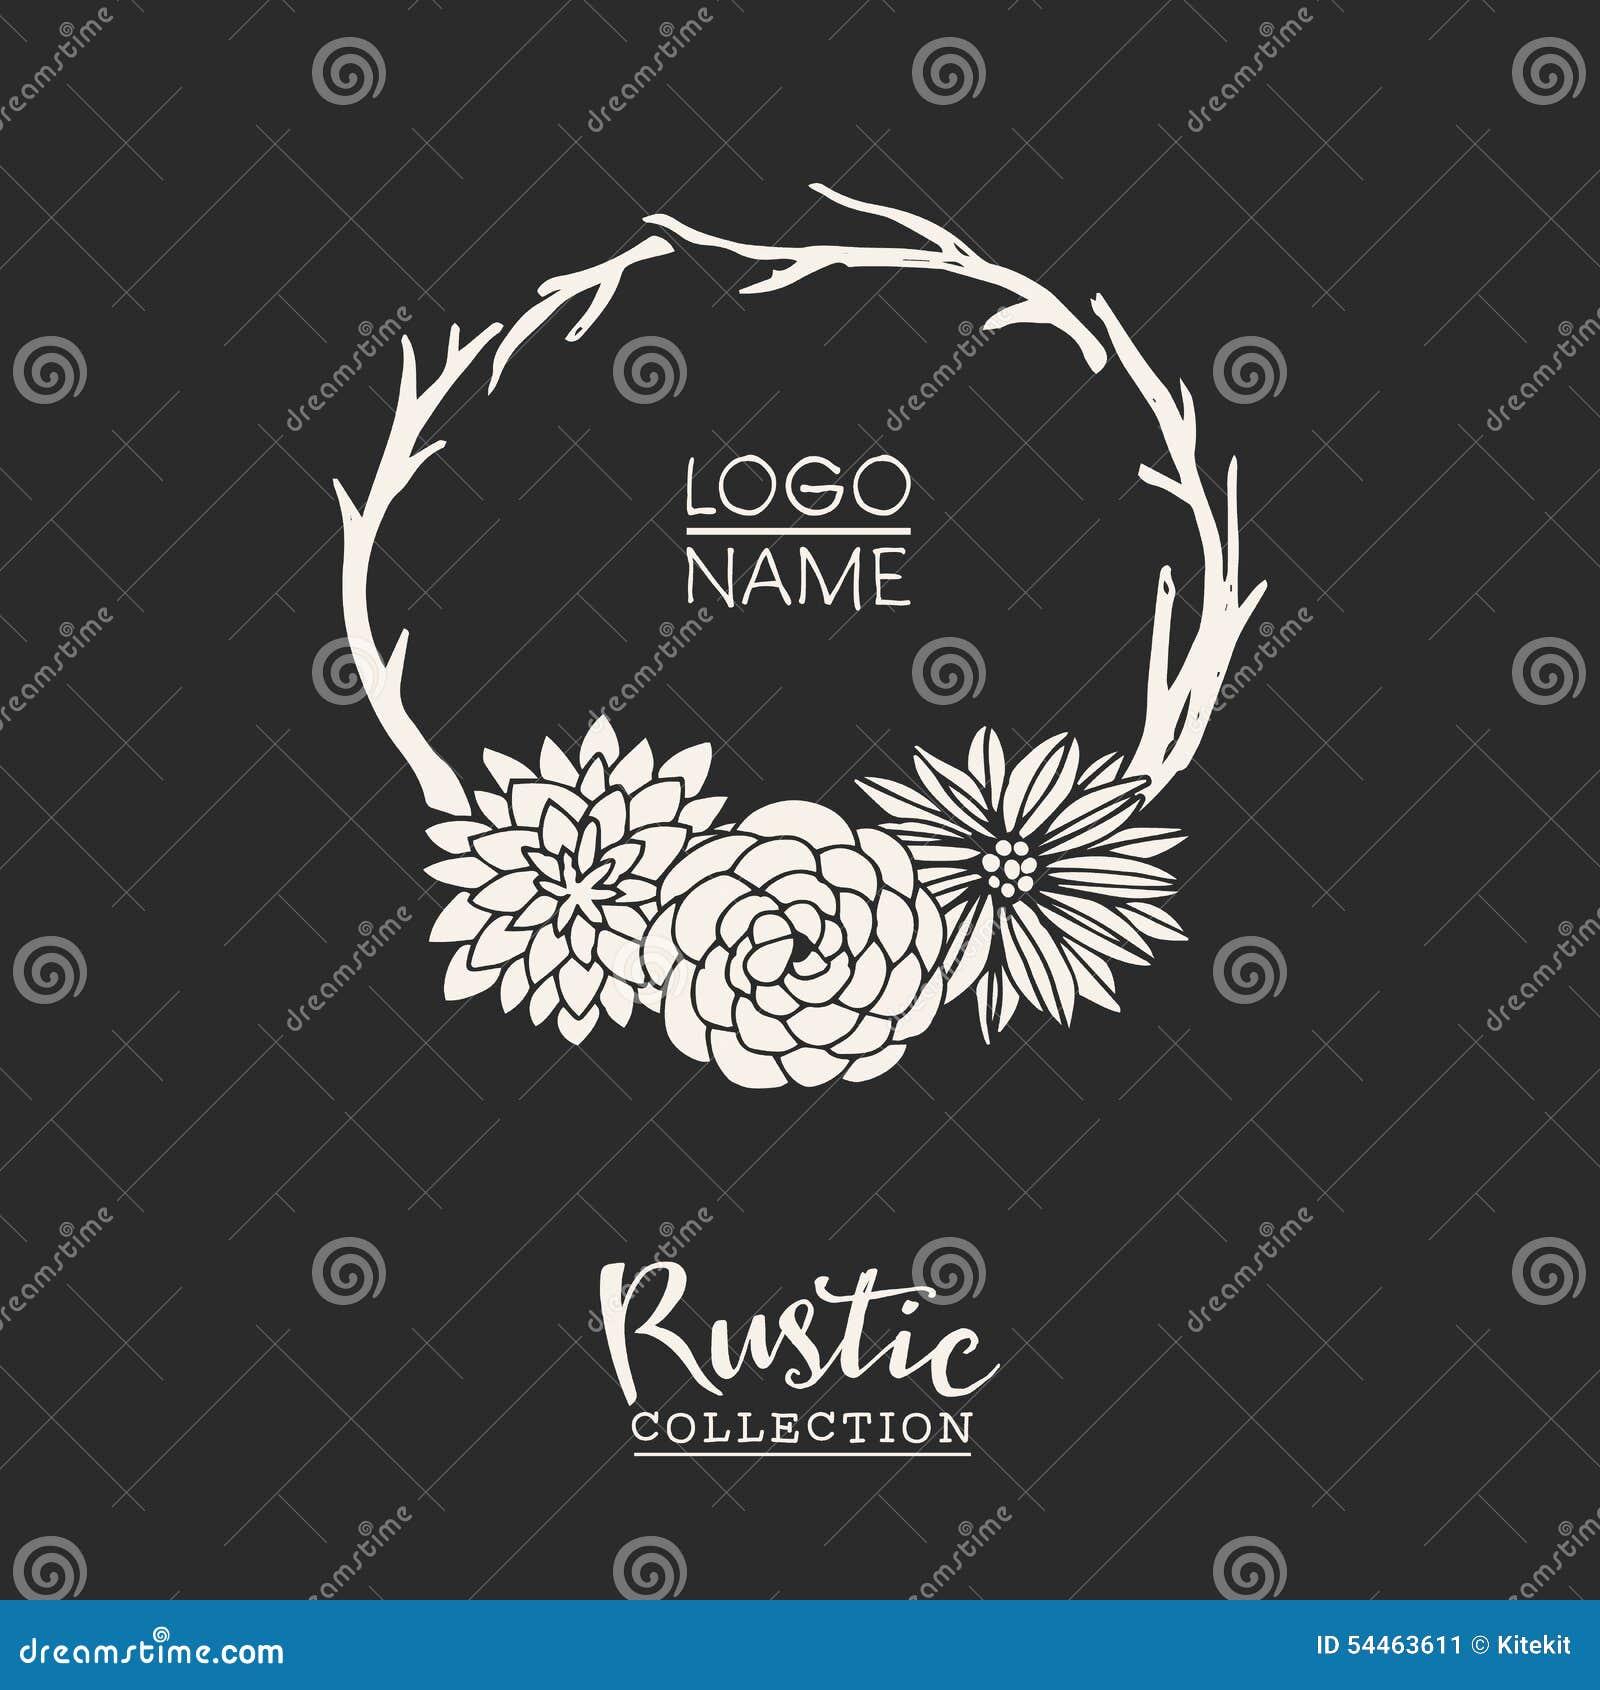 Rustic Graphic Design Elements